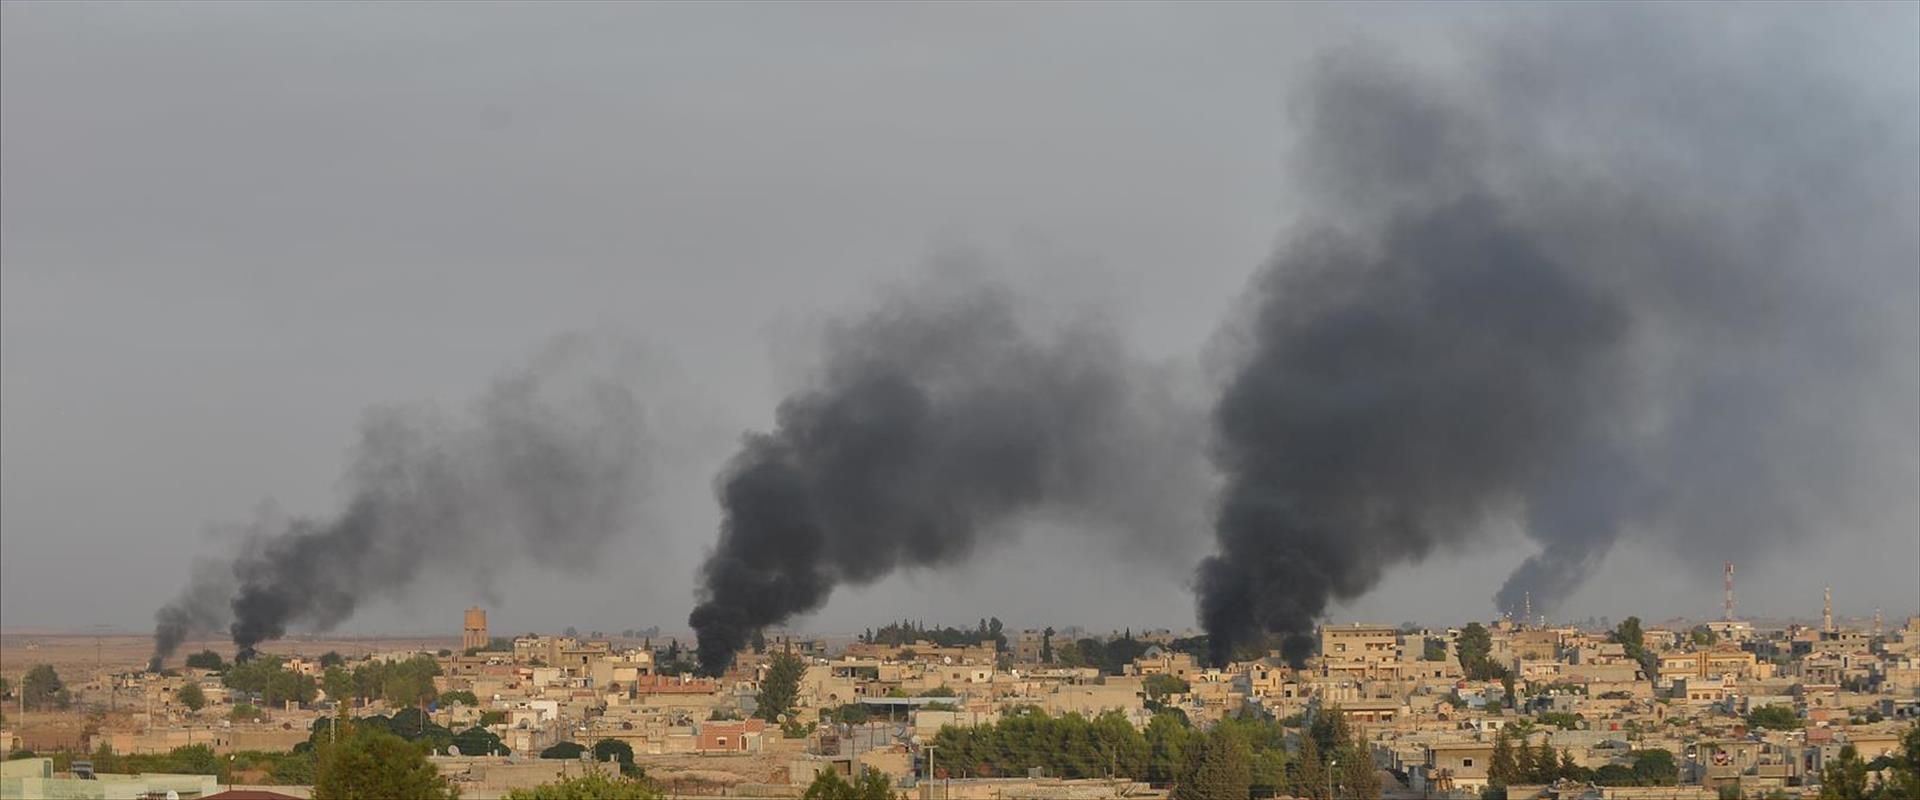 הפגזות בסוריה